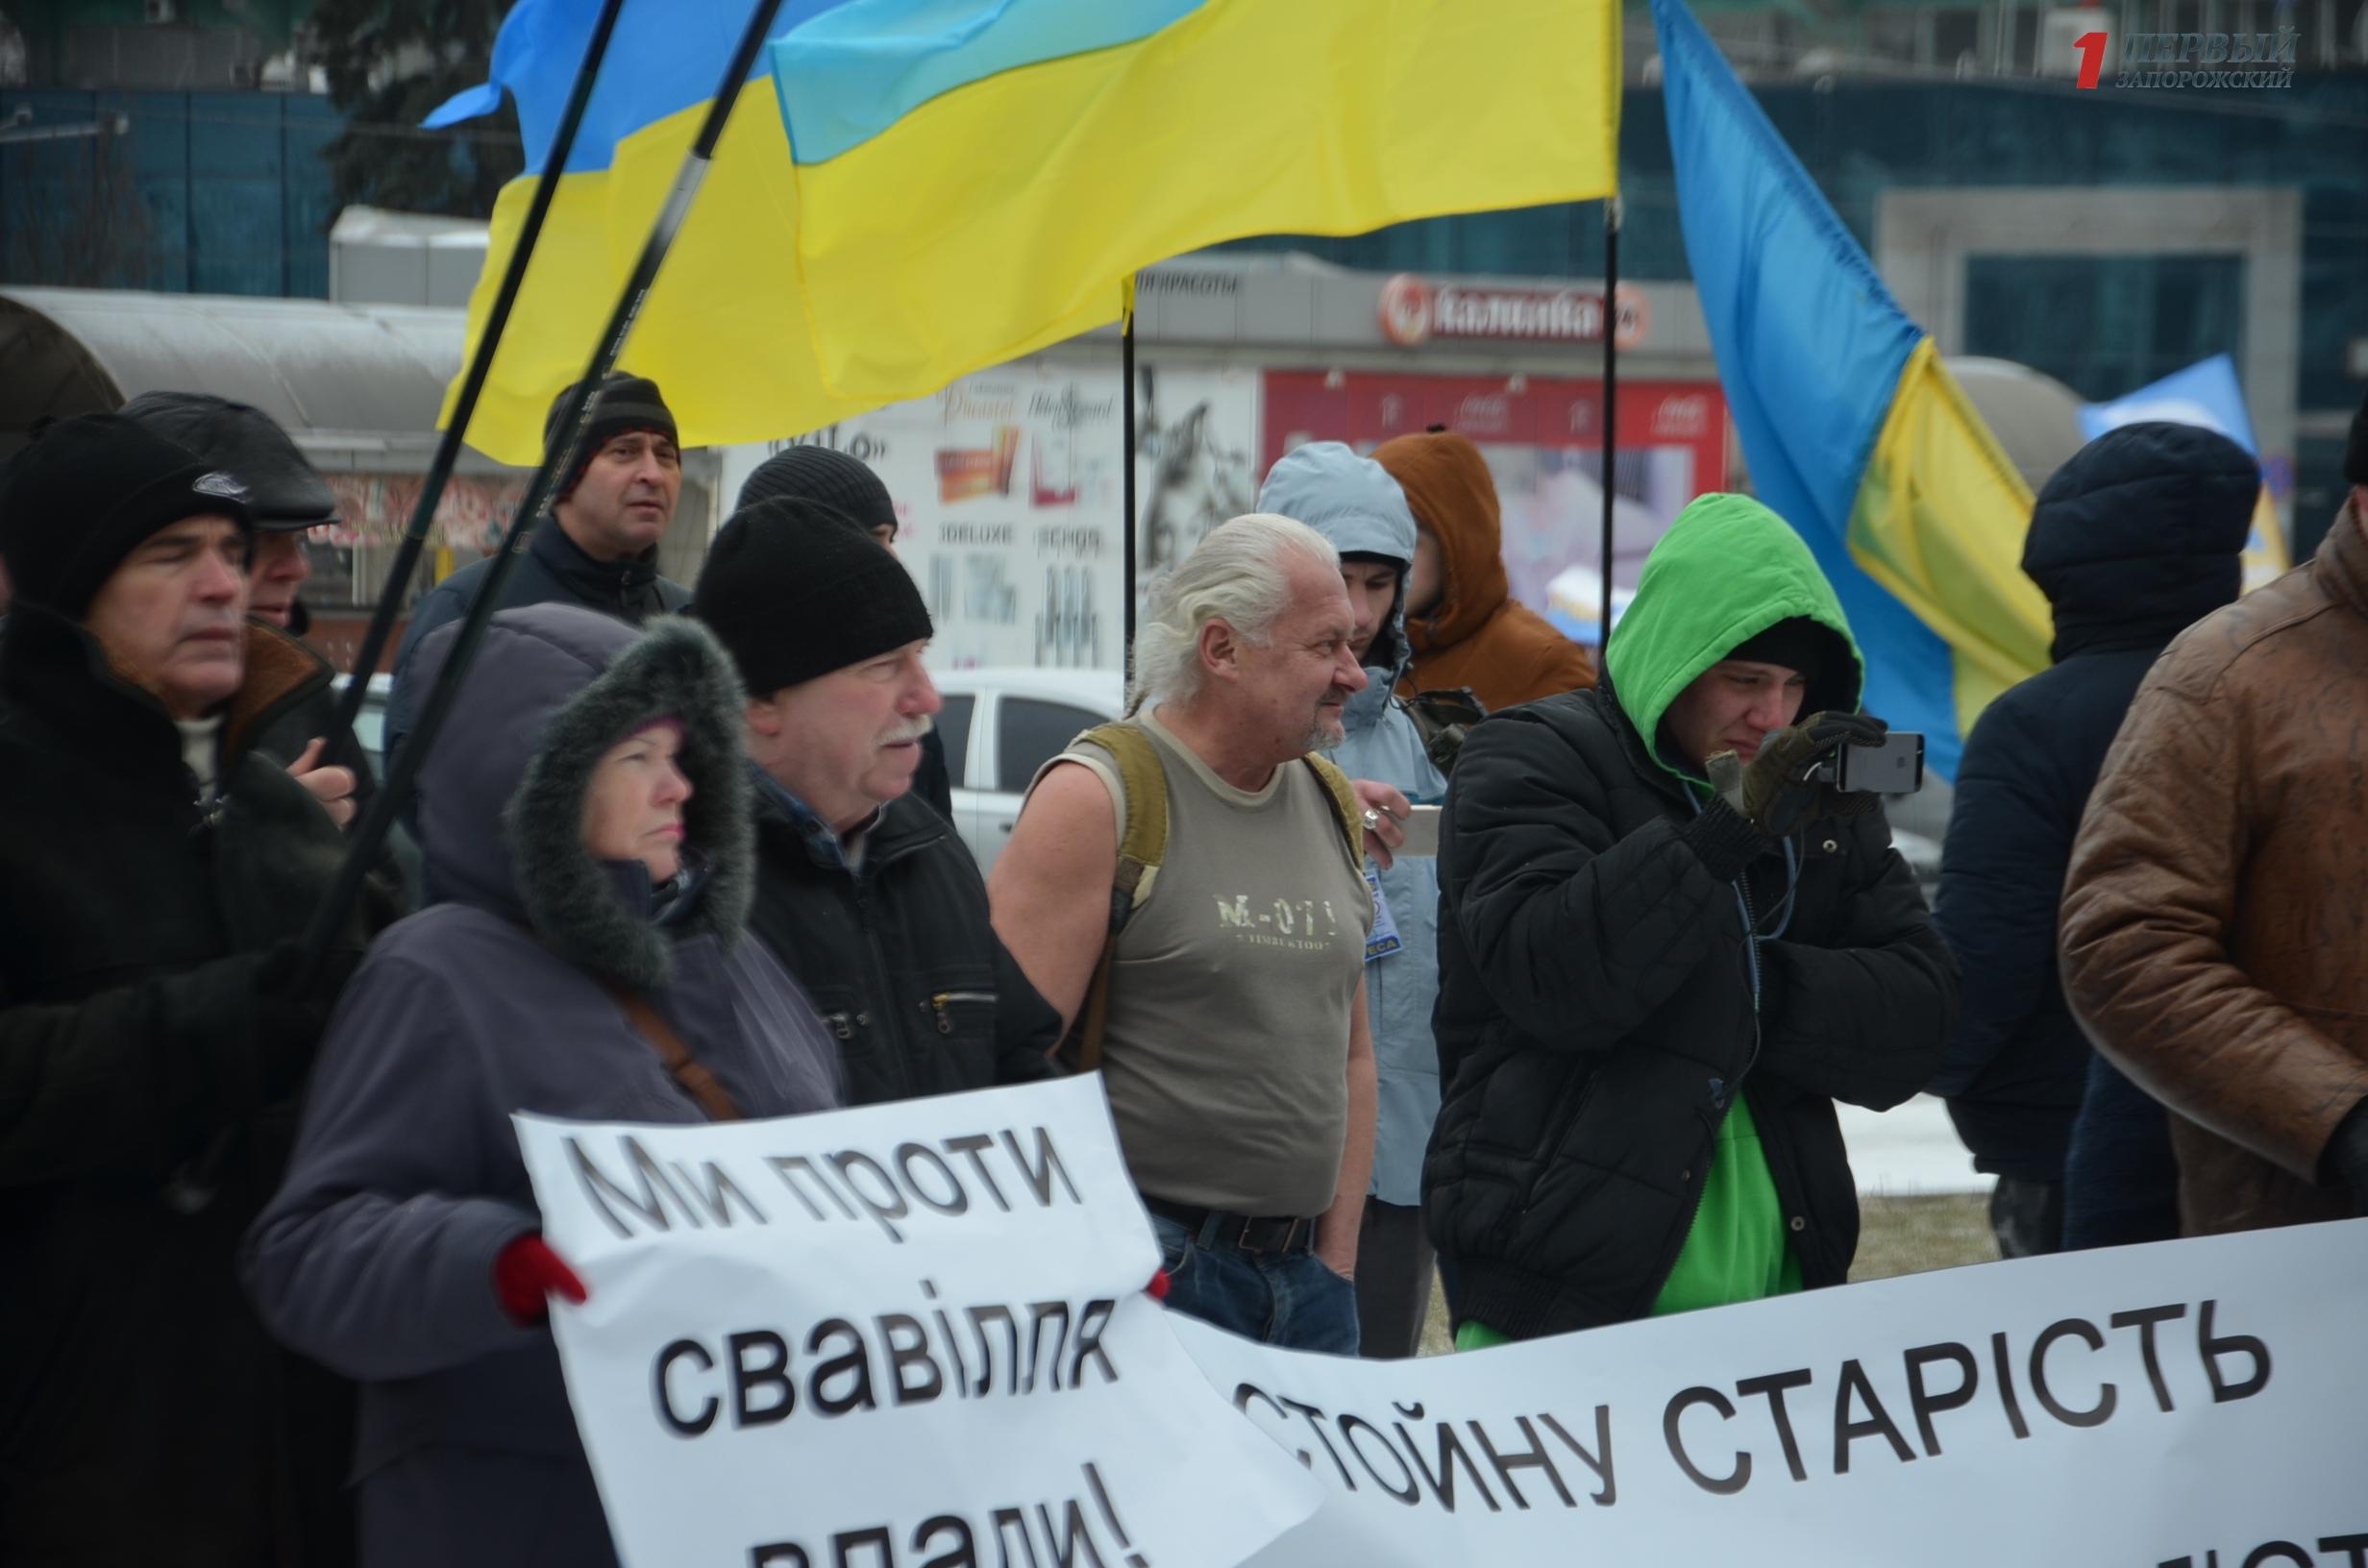 В мороз в одной майке: в Запорожье на митинг за отставку Порошенко пришел мужчина без верхней одежды - ФОТО